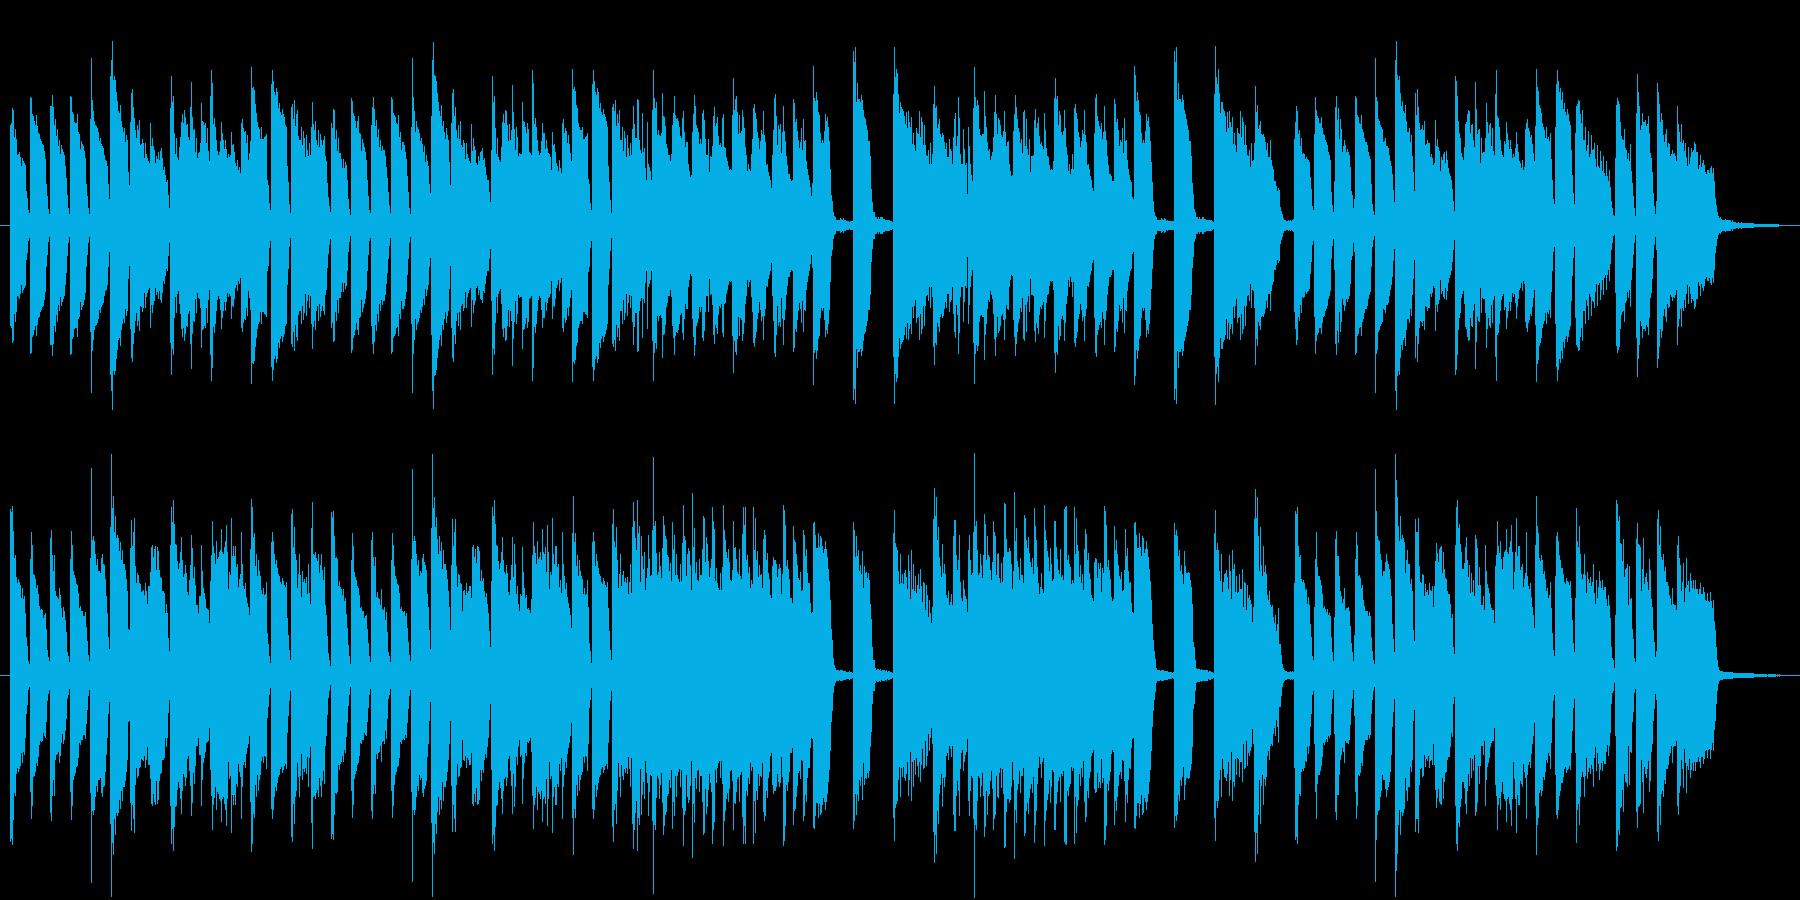 クラシック的なピアノの小品の再生済みの波形